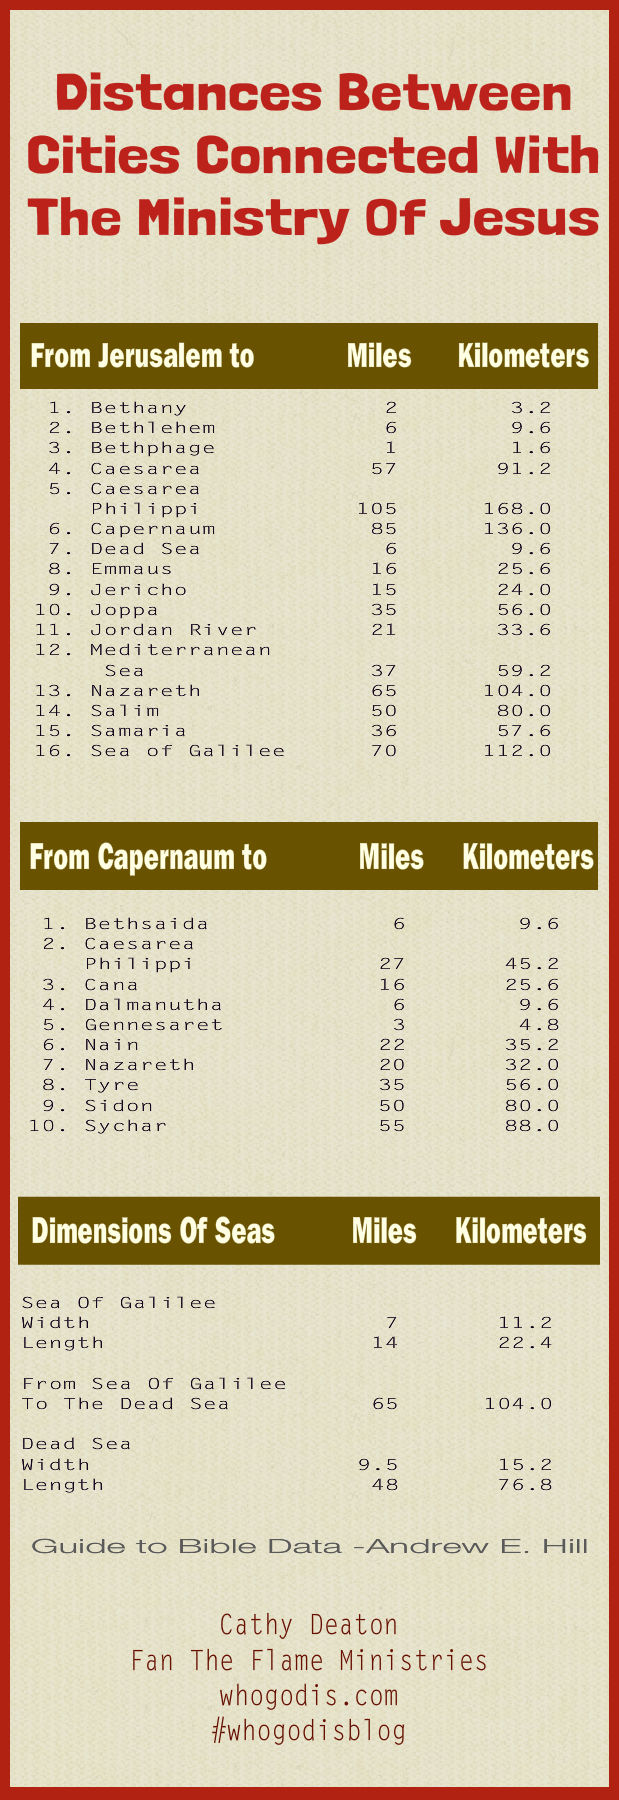 distances-between-cities-jesus-ministry